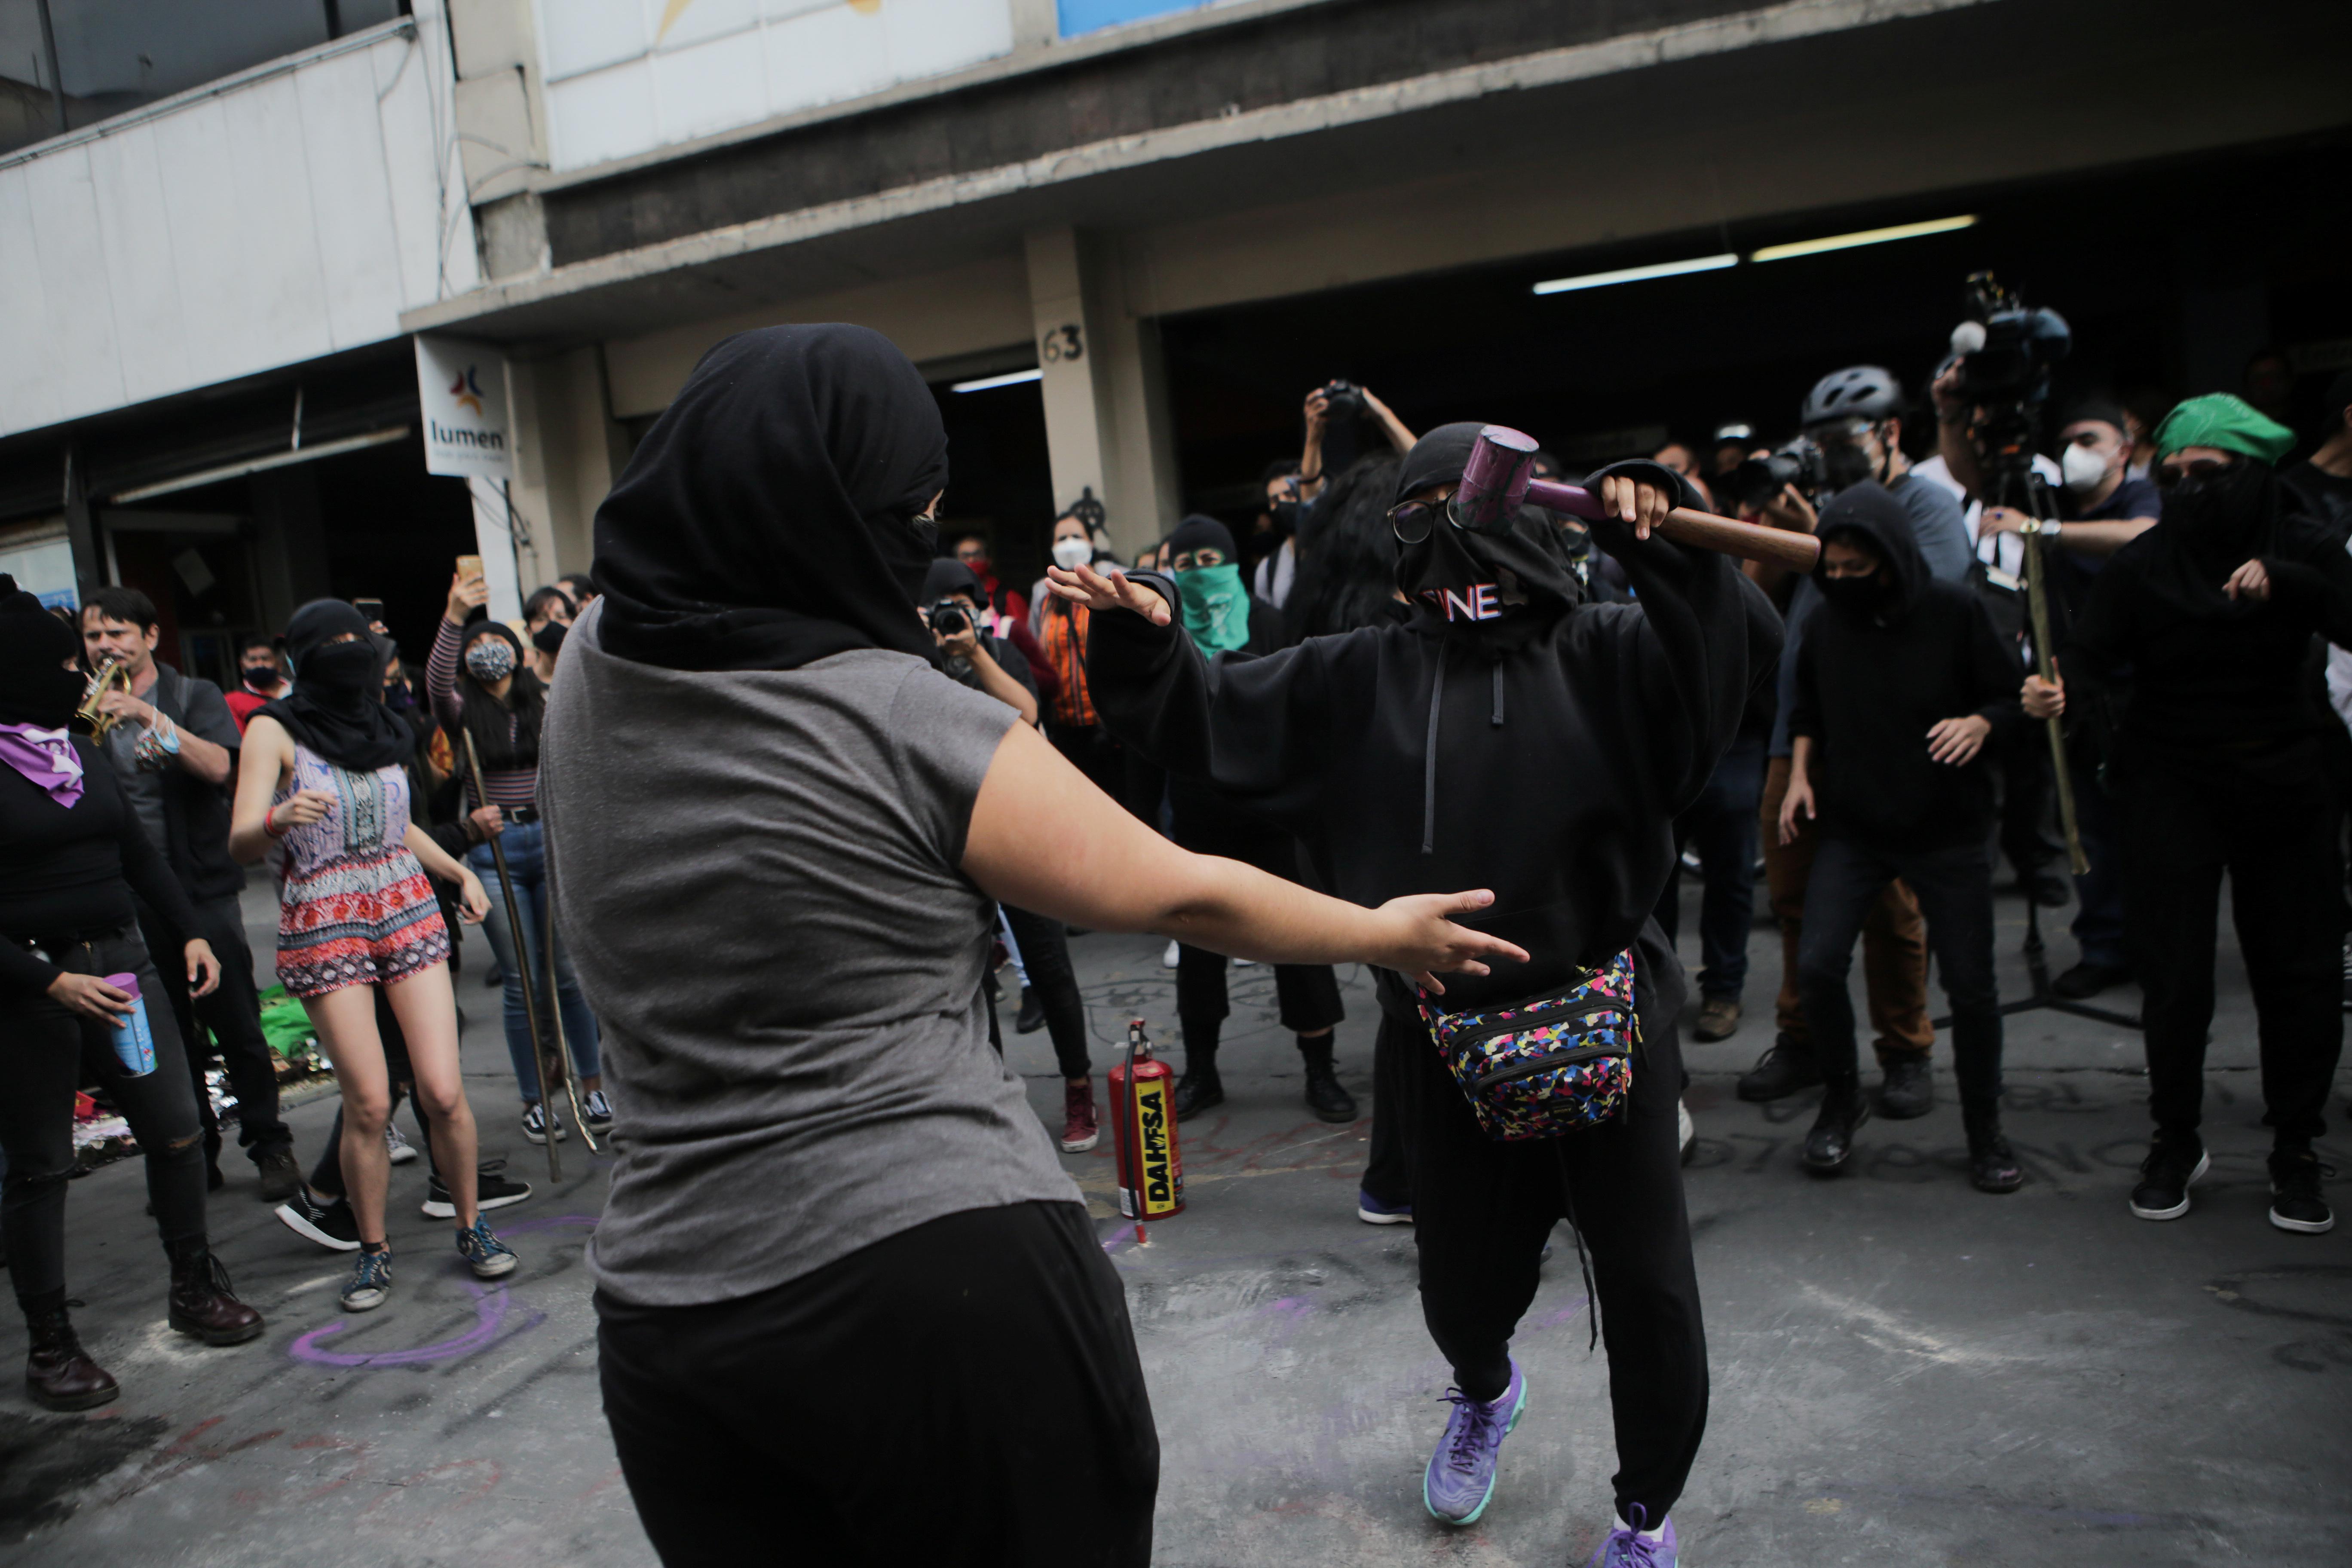 Integrantes de un colectivo feminista bailan en la calle frente a las instalaciones del edificio de la Comisión Nacional de Derechos Humanos, en apoyo a víctimas de violencia de género, en la Ciudad de México, México 11 de septiembre de 2020. Fotografía tomada el 11 de septiembre de 2020.